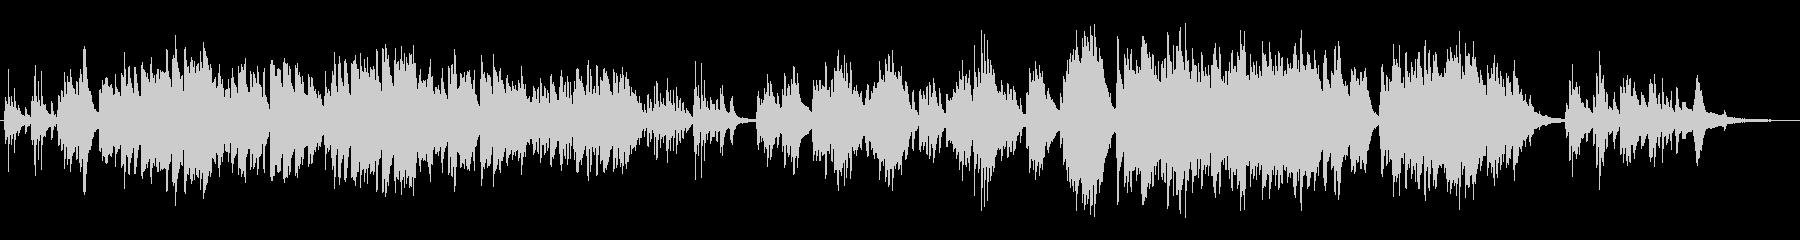 生ピアノで奏でる日本のうた:ゆりかごの歌の未再生の波形